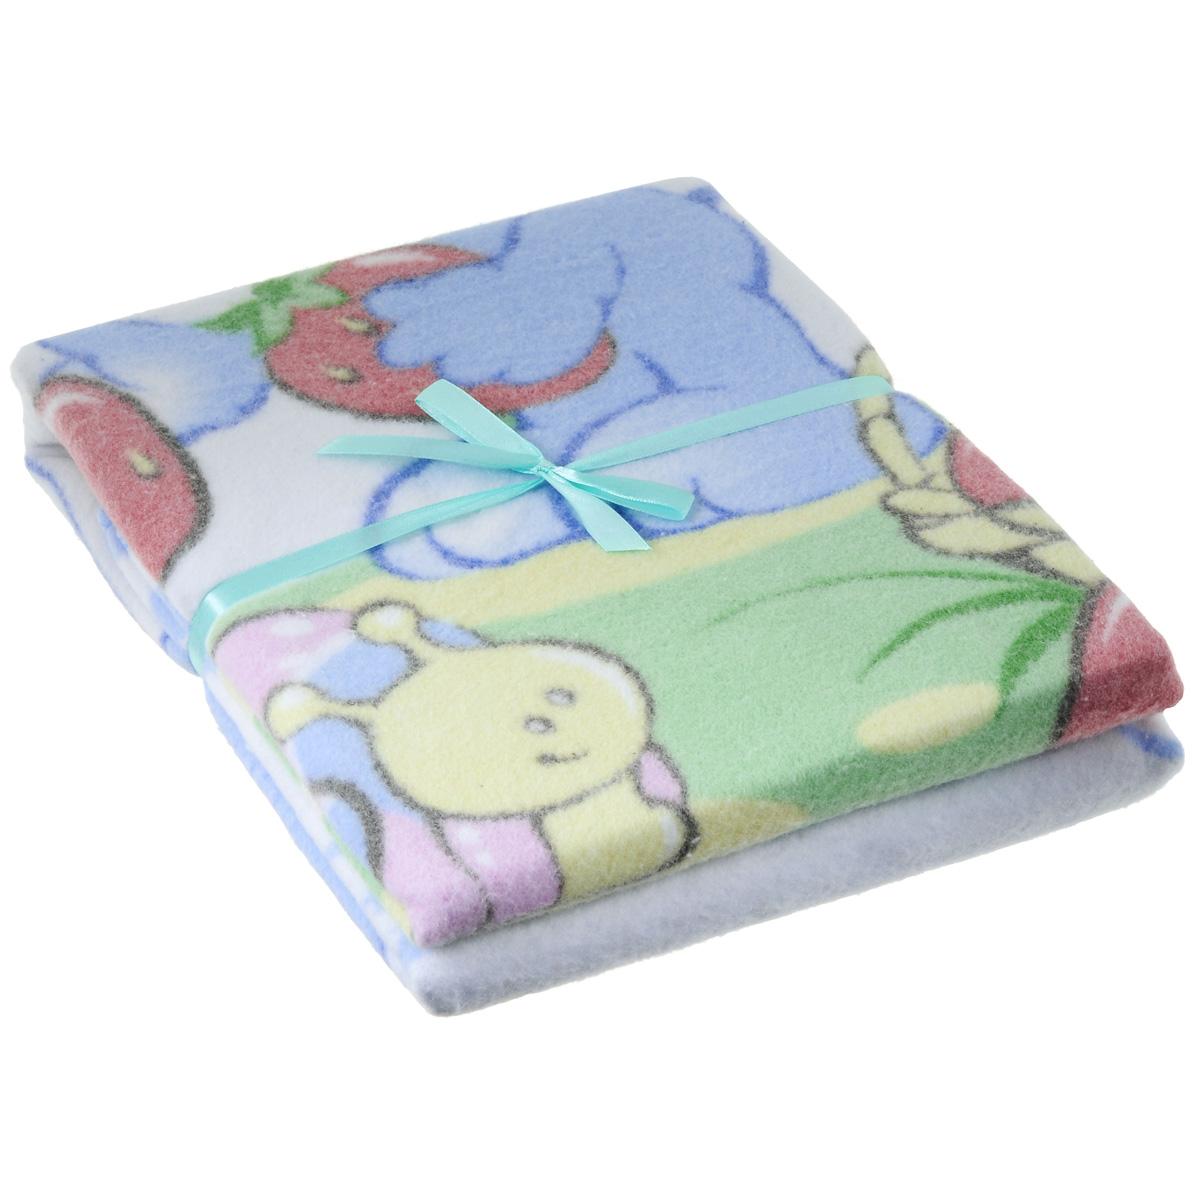 Одеяло детское Baby Nice Земляничная поляна, байковое, цвет: голубой, 85 см x 115 смD111511